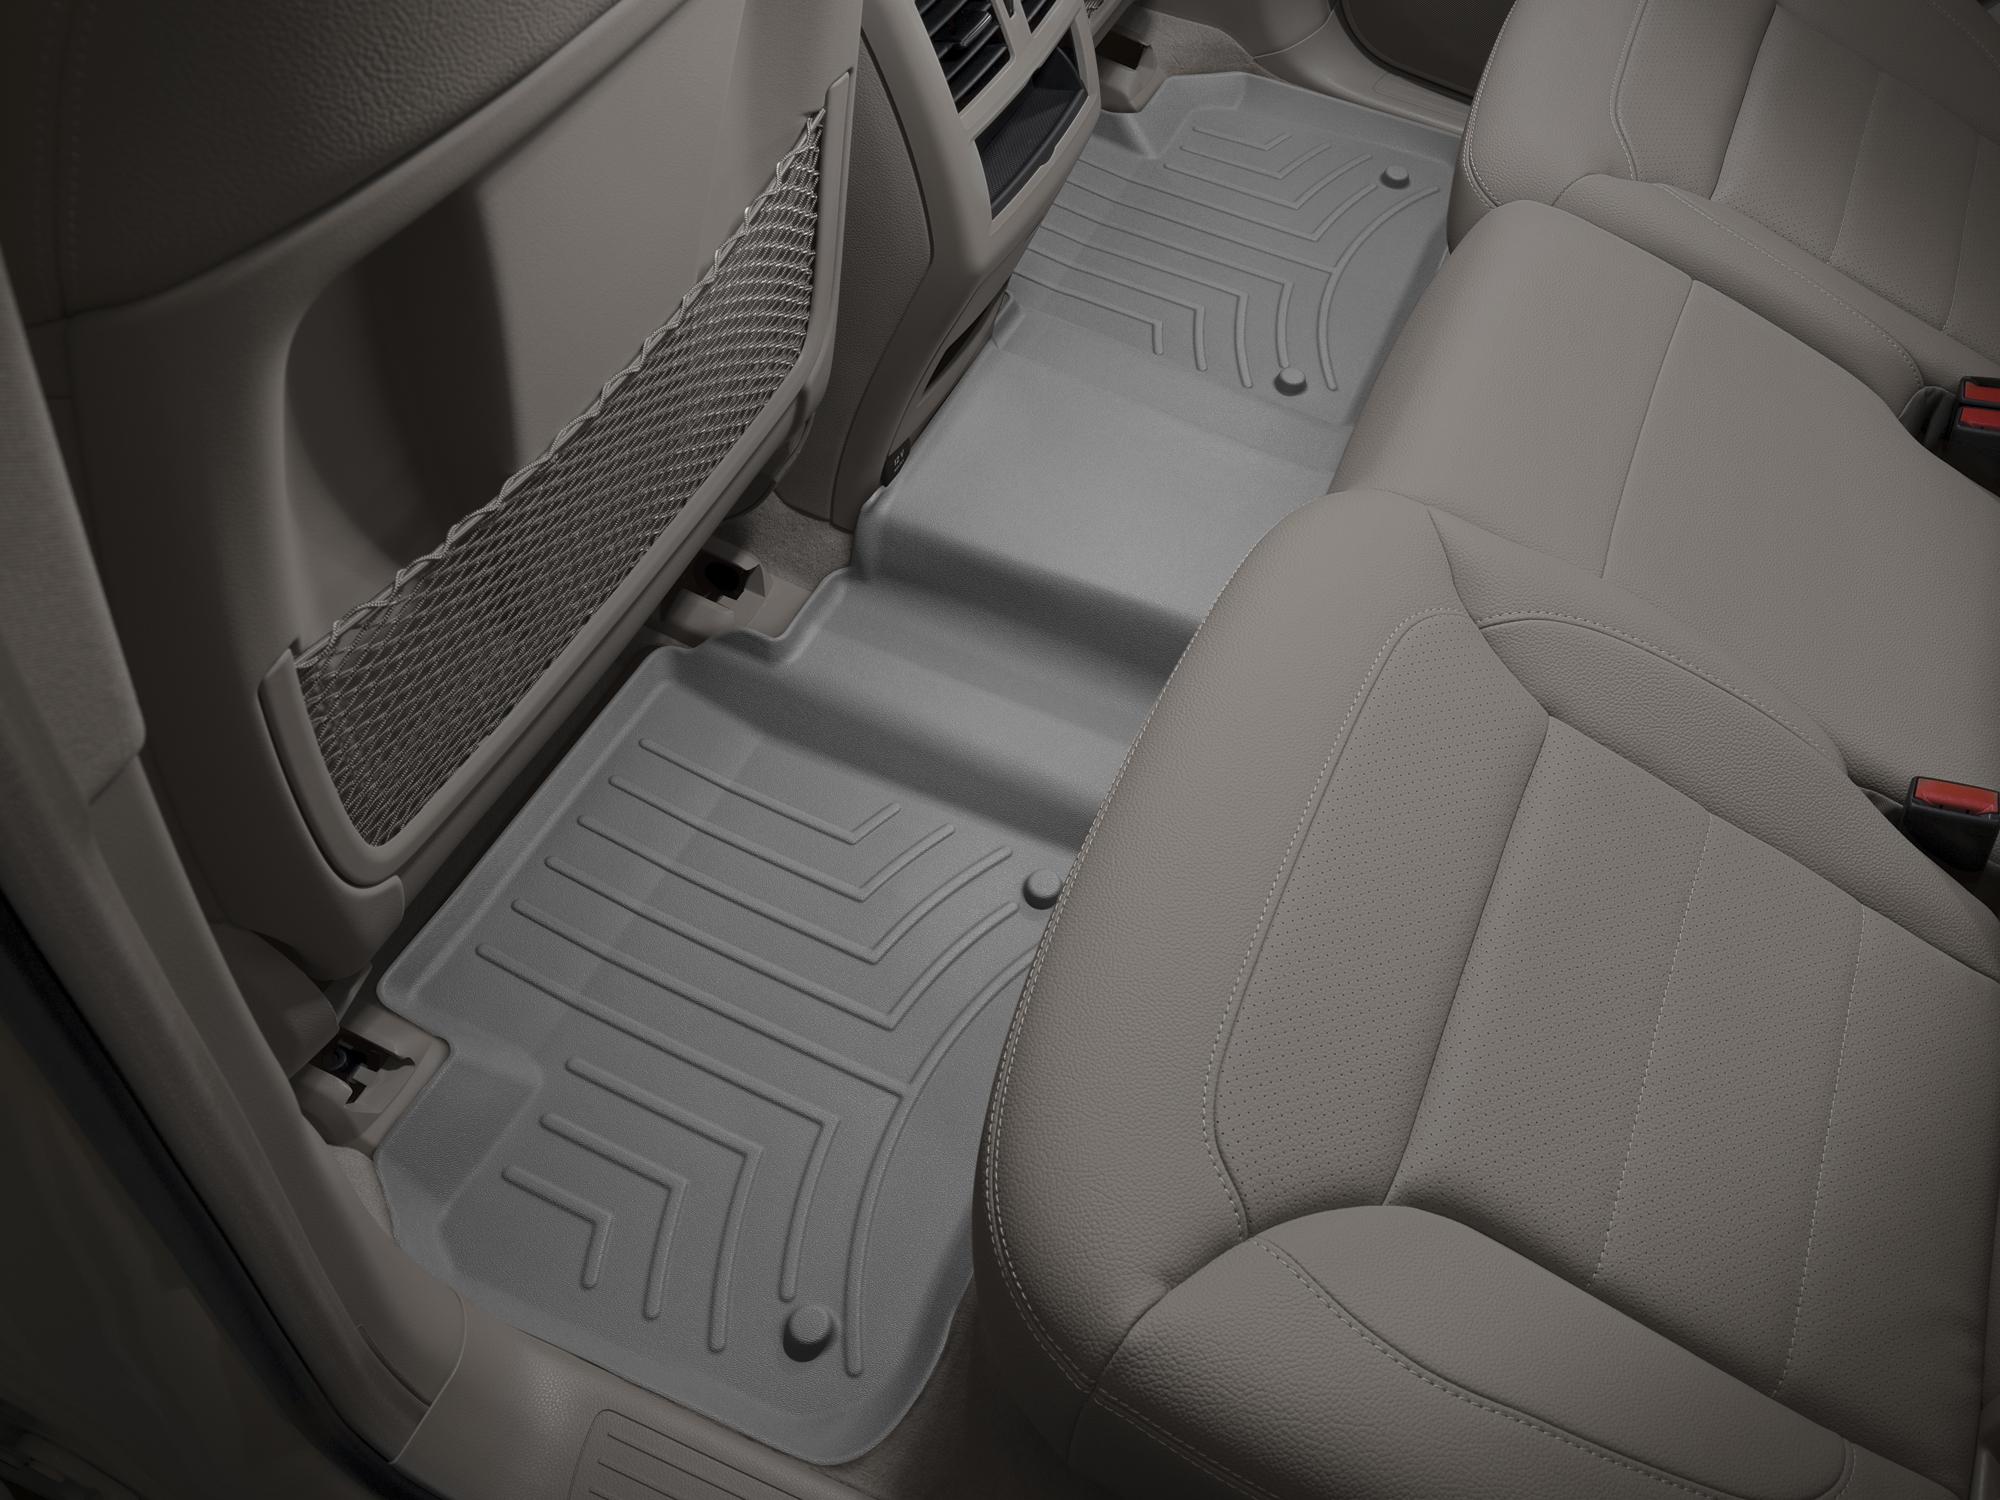 Tappeti gomma su misura bordo alto Mercedes ML-Class 12>15 Grigio A2536